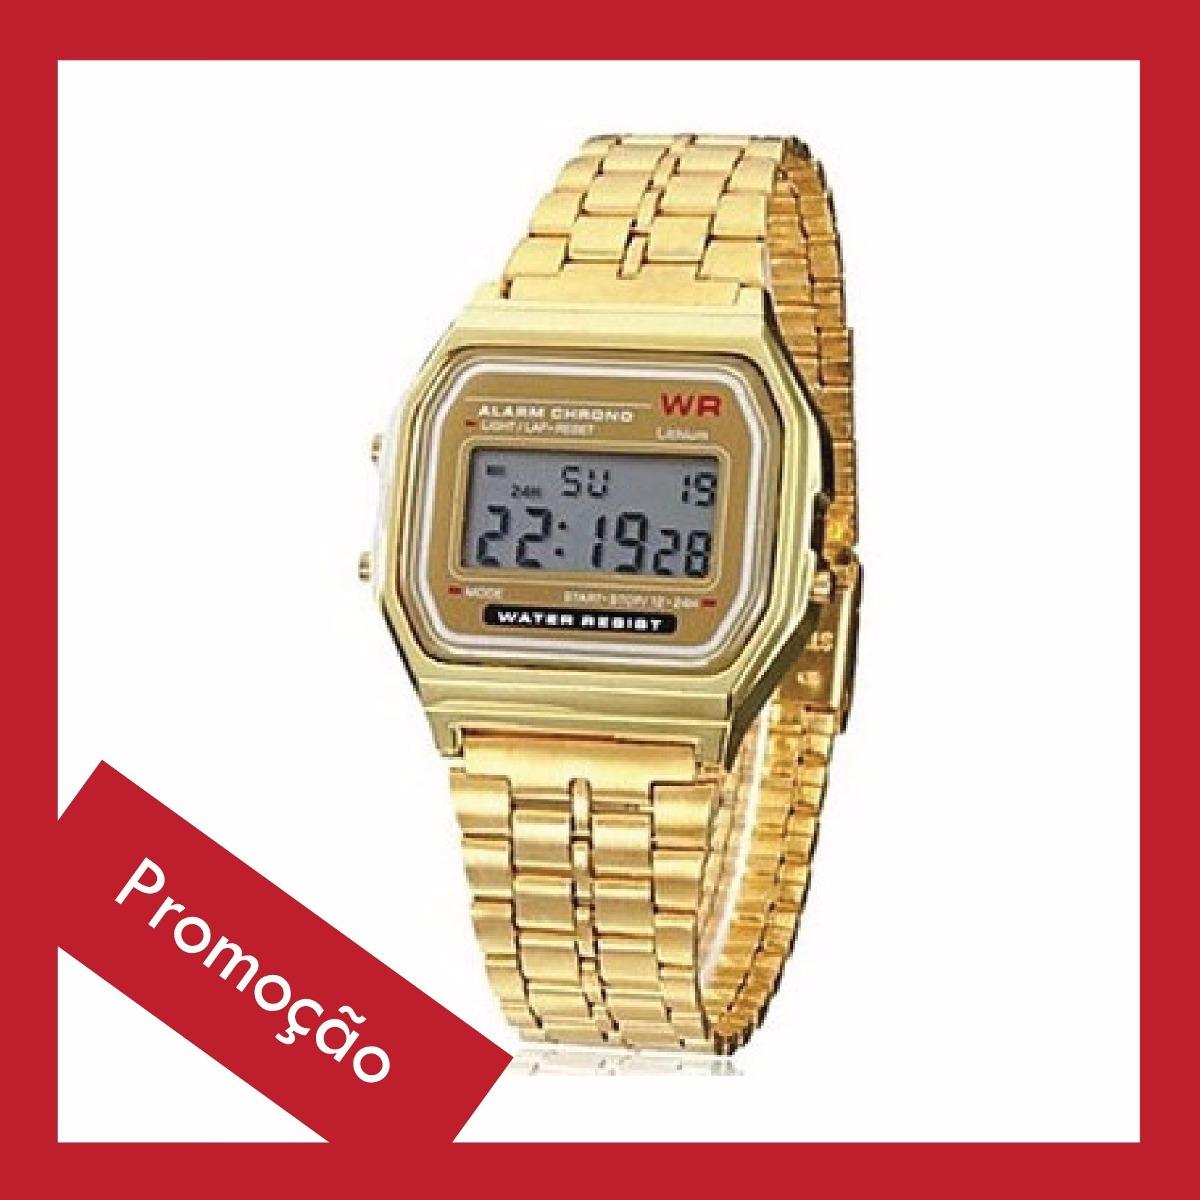 94ea43ce2b2 relógio casio wr a159w unissex - dourado - envio imediato. Carregando zoom.